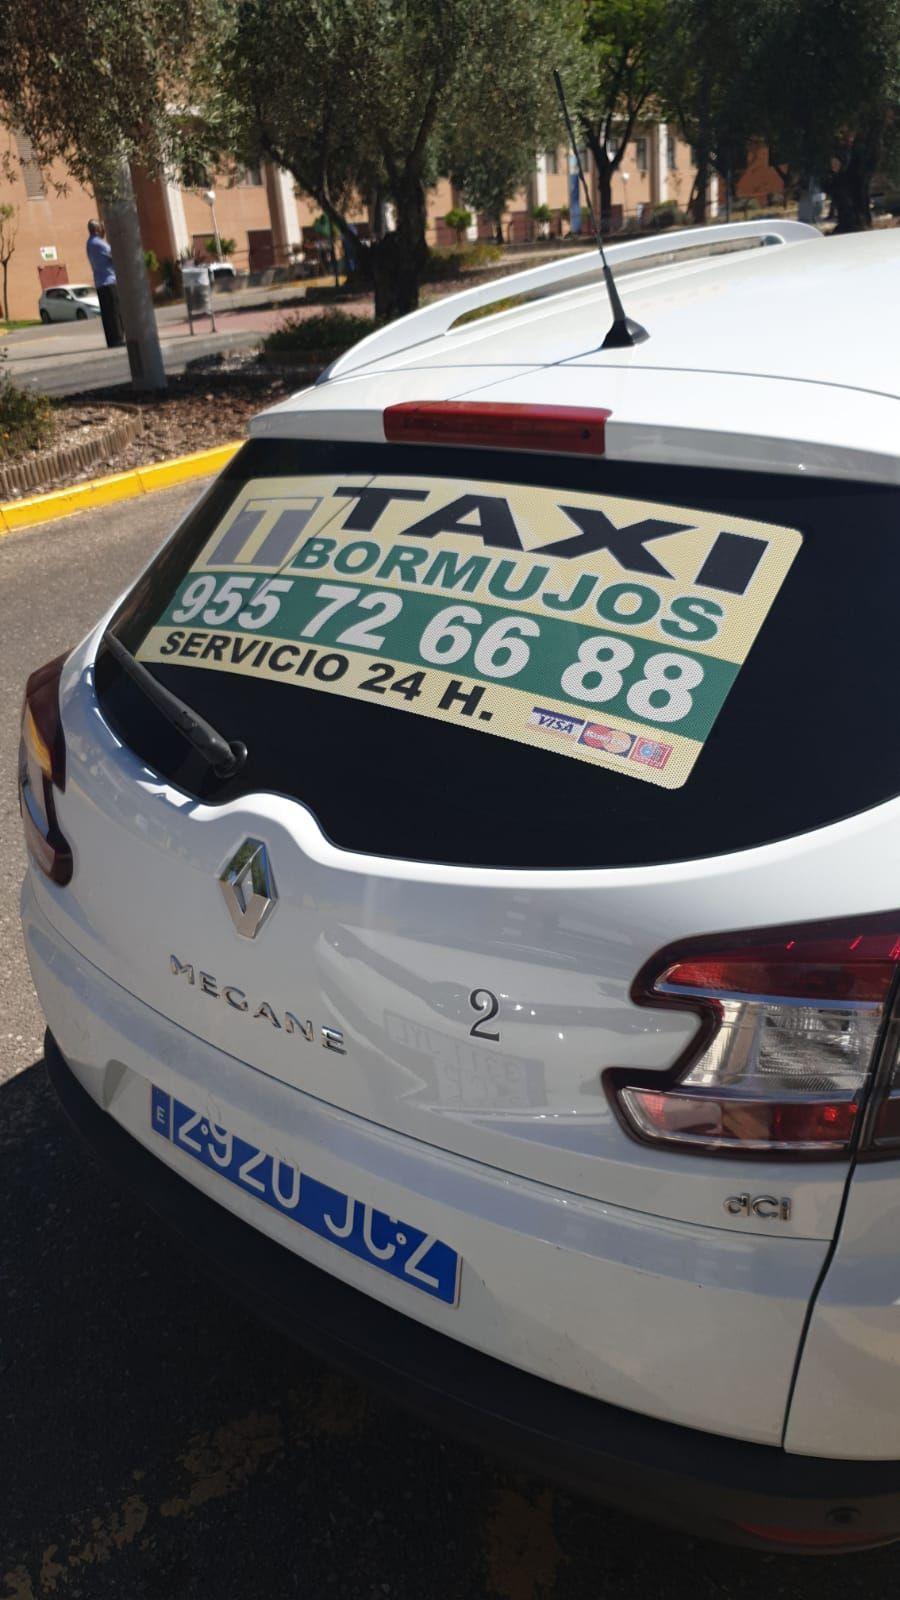 Taxi adaptado Bormujos